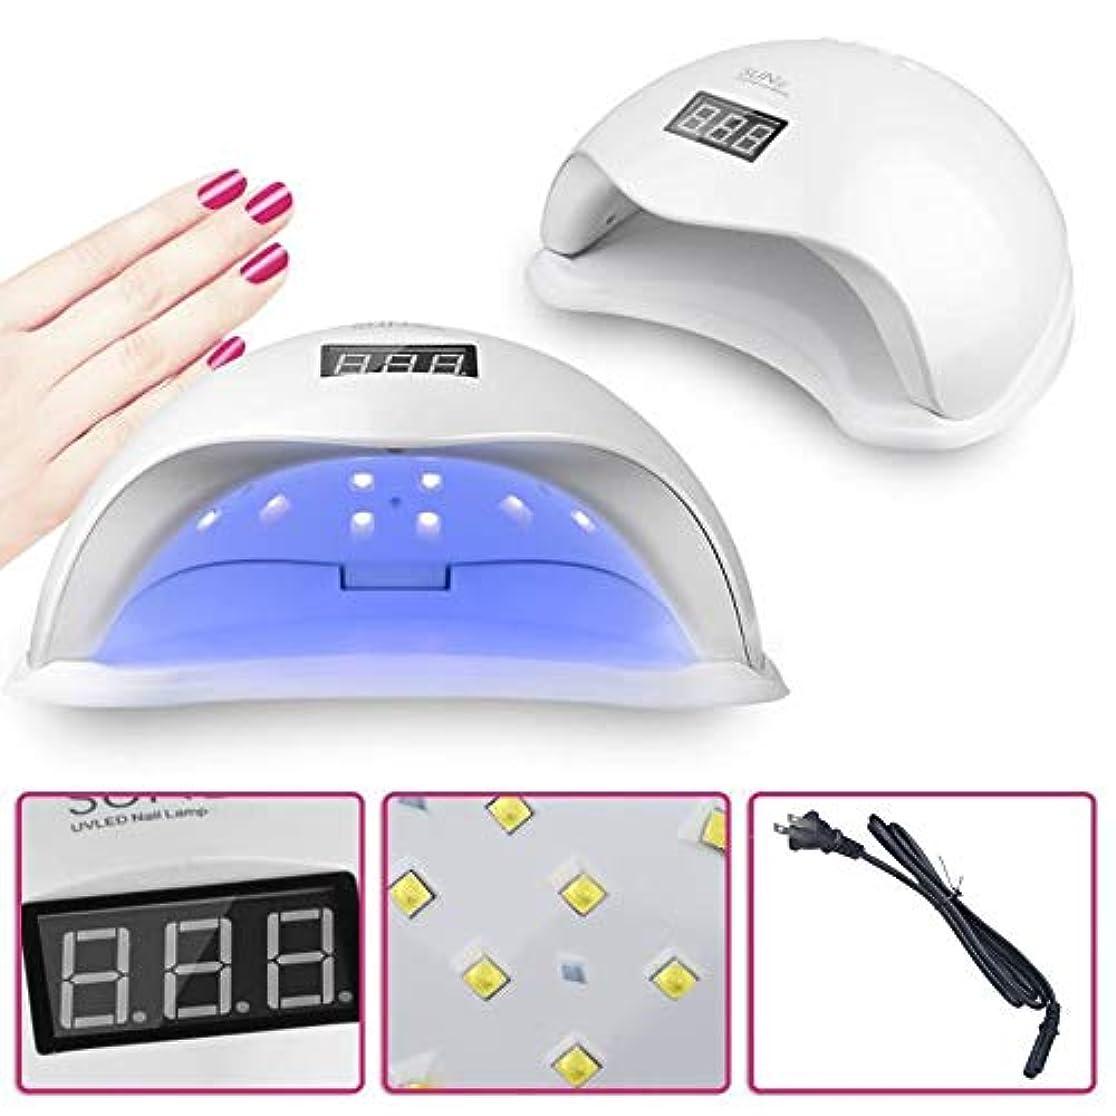 ダニピックやりすぎUV LEDネイルドライヤー 48W ハイパワー 赤外線検知 UV &LEDダブルライト ジェルネイル用 4つタイマー設定可能 硬化用 ライト 説明書付き Vinteky